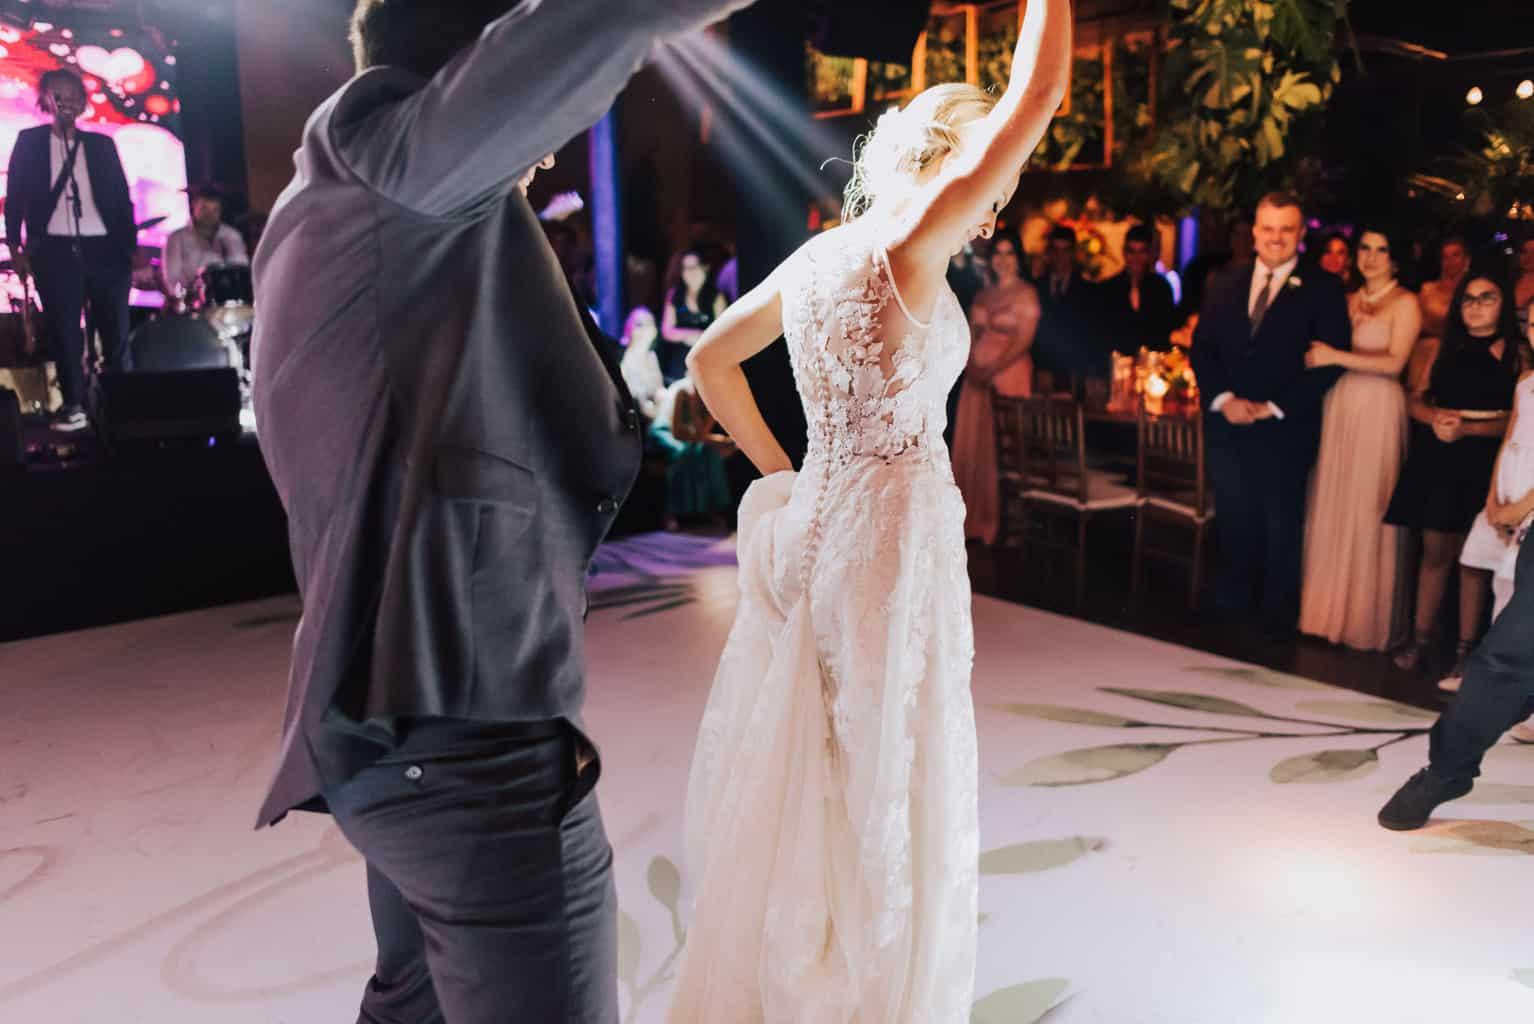 Braulio-Delai-casamento-Luciana-e-Eduardo-Cerimonial-Sandra-Colin-Fotografia-Mana-Gollo-fotos-dos-noivos-Igreja-Santa-Terezinha-e-Espaço-Klaine-pista26